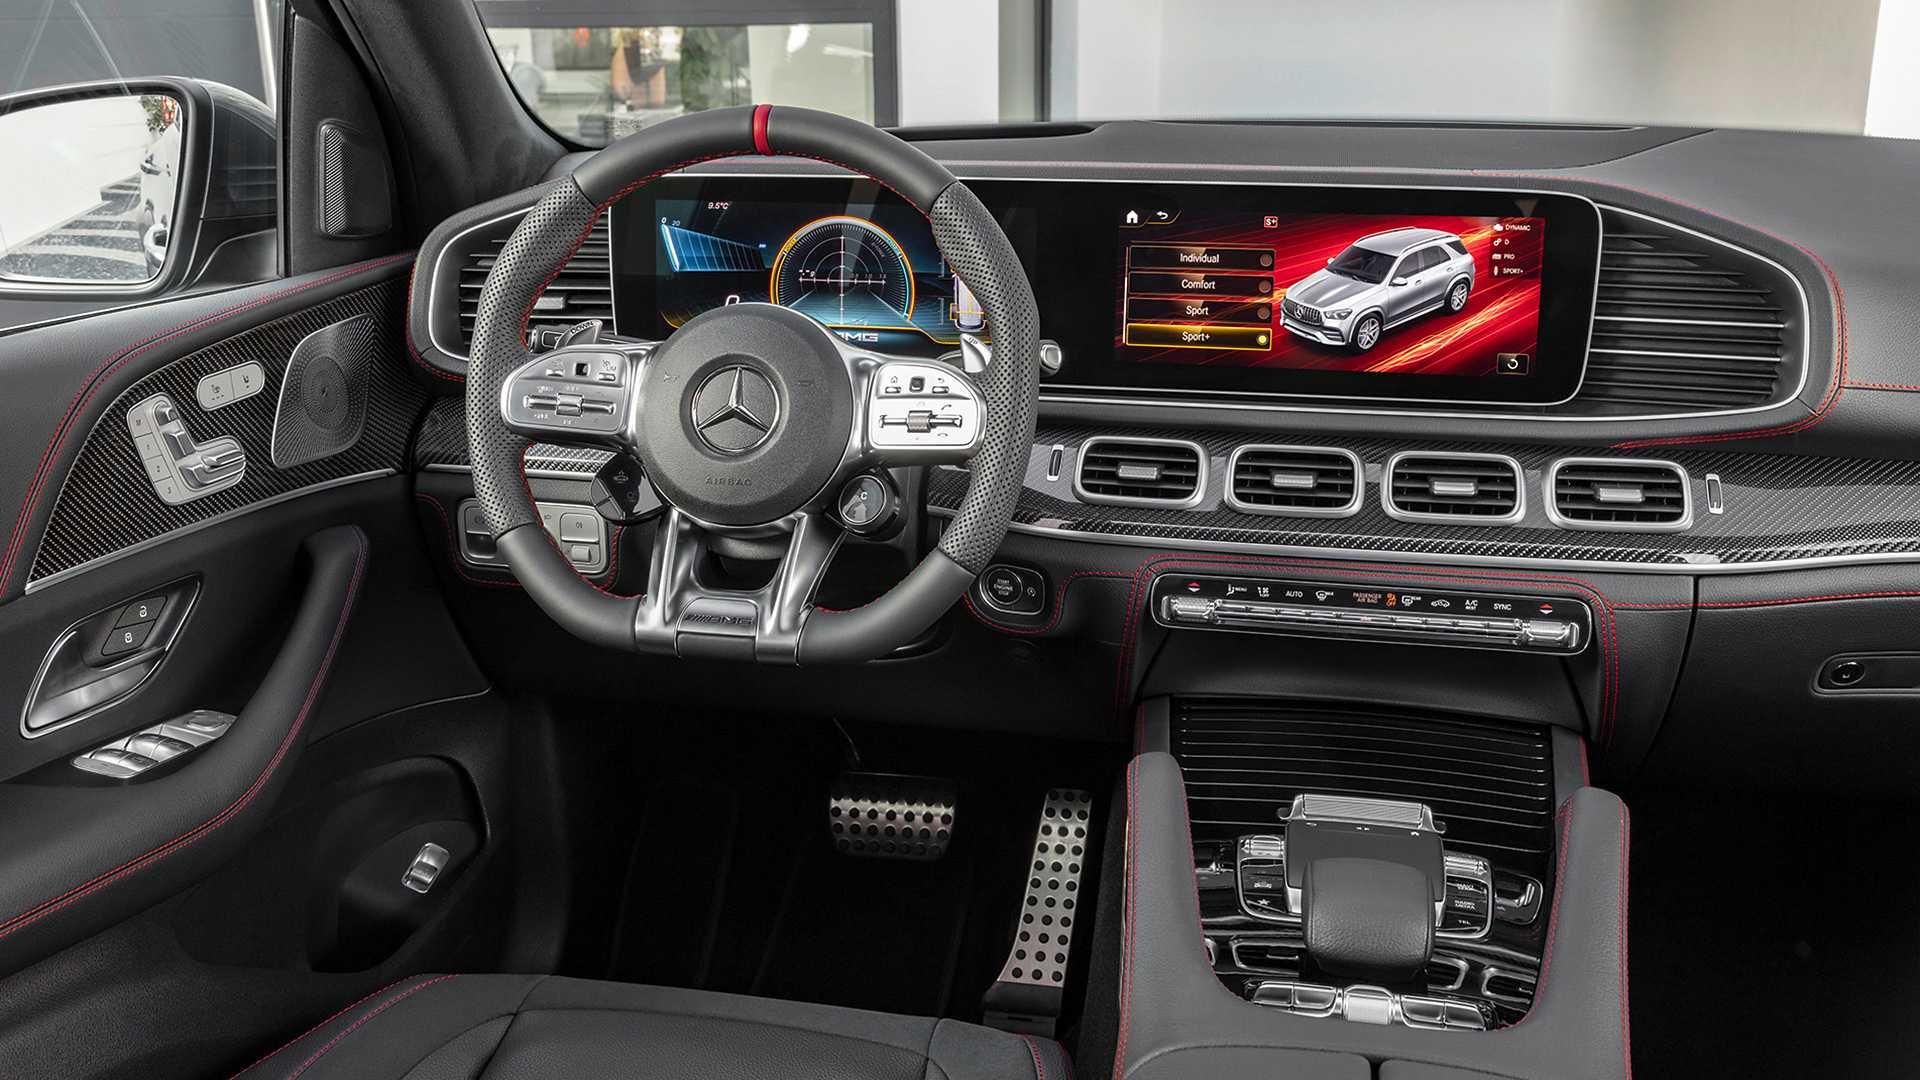 Mercedes-Benz GLE 53 получил 429-сильный мотор с электротурбиной 2